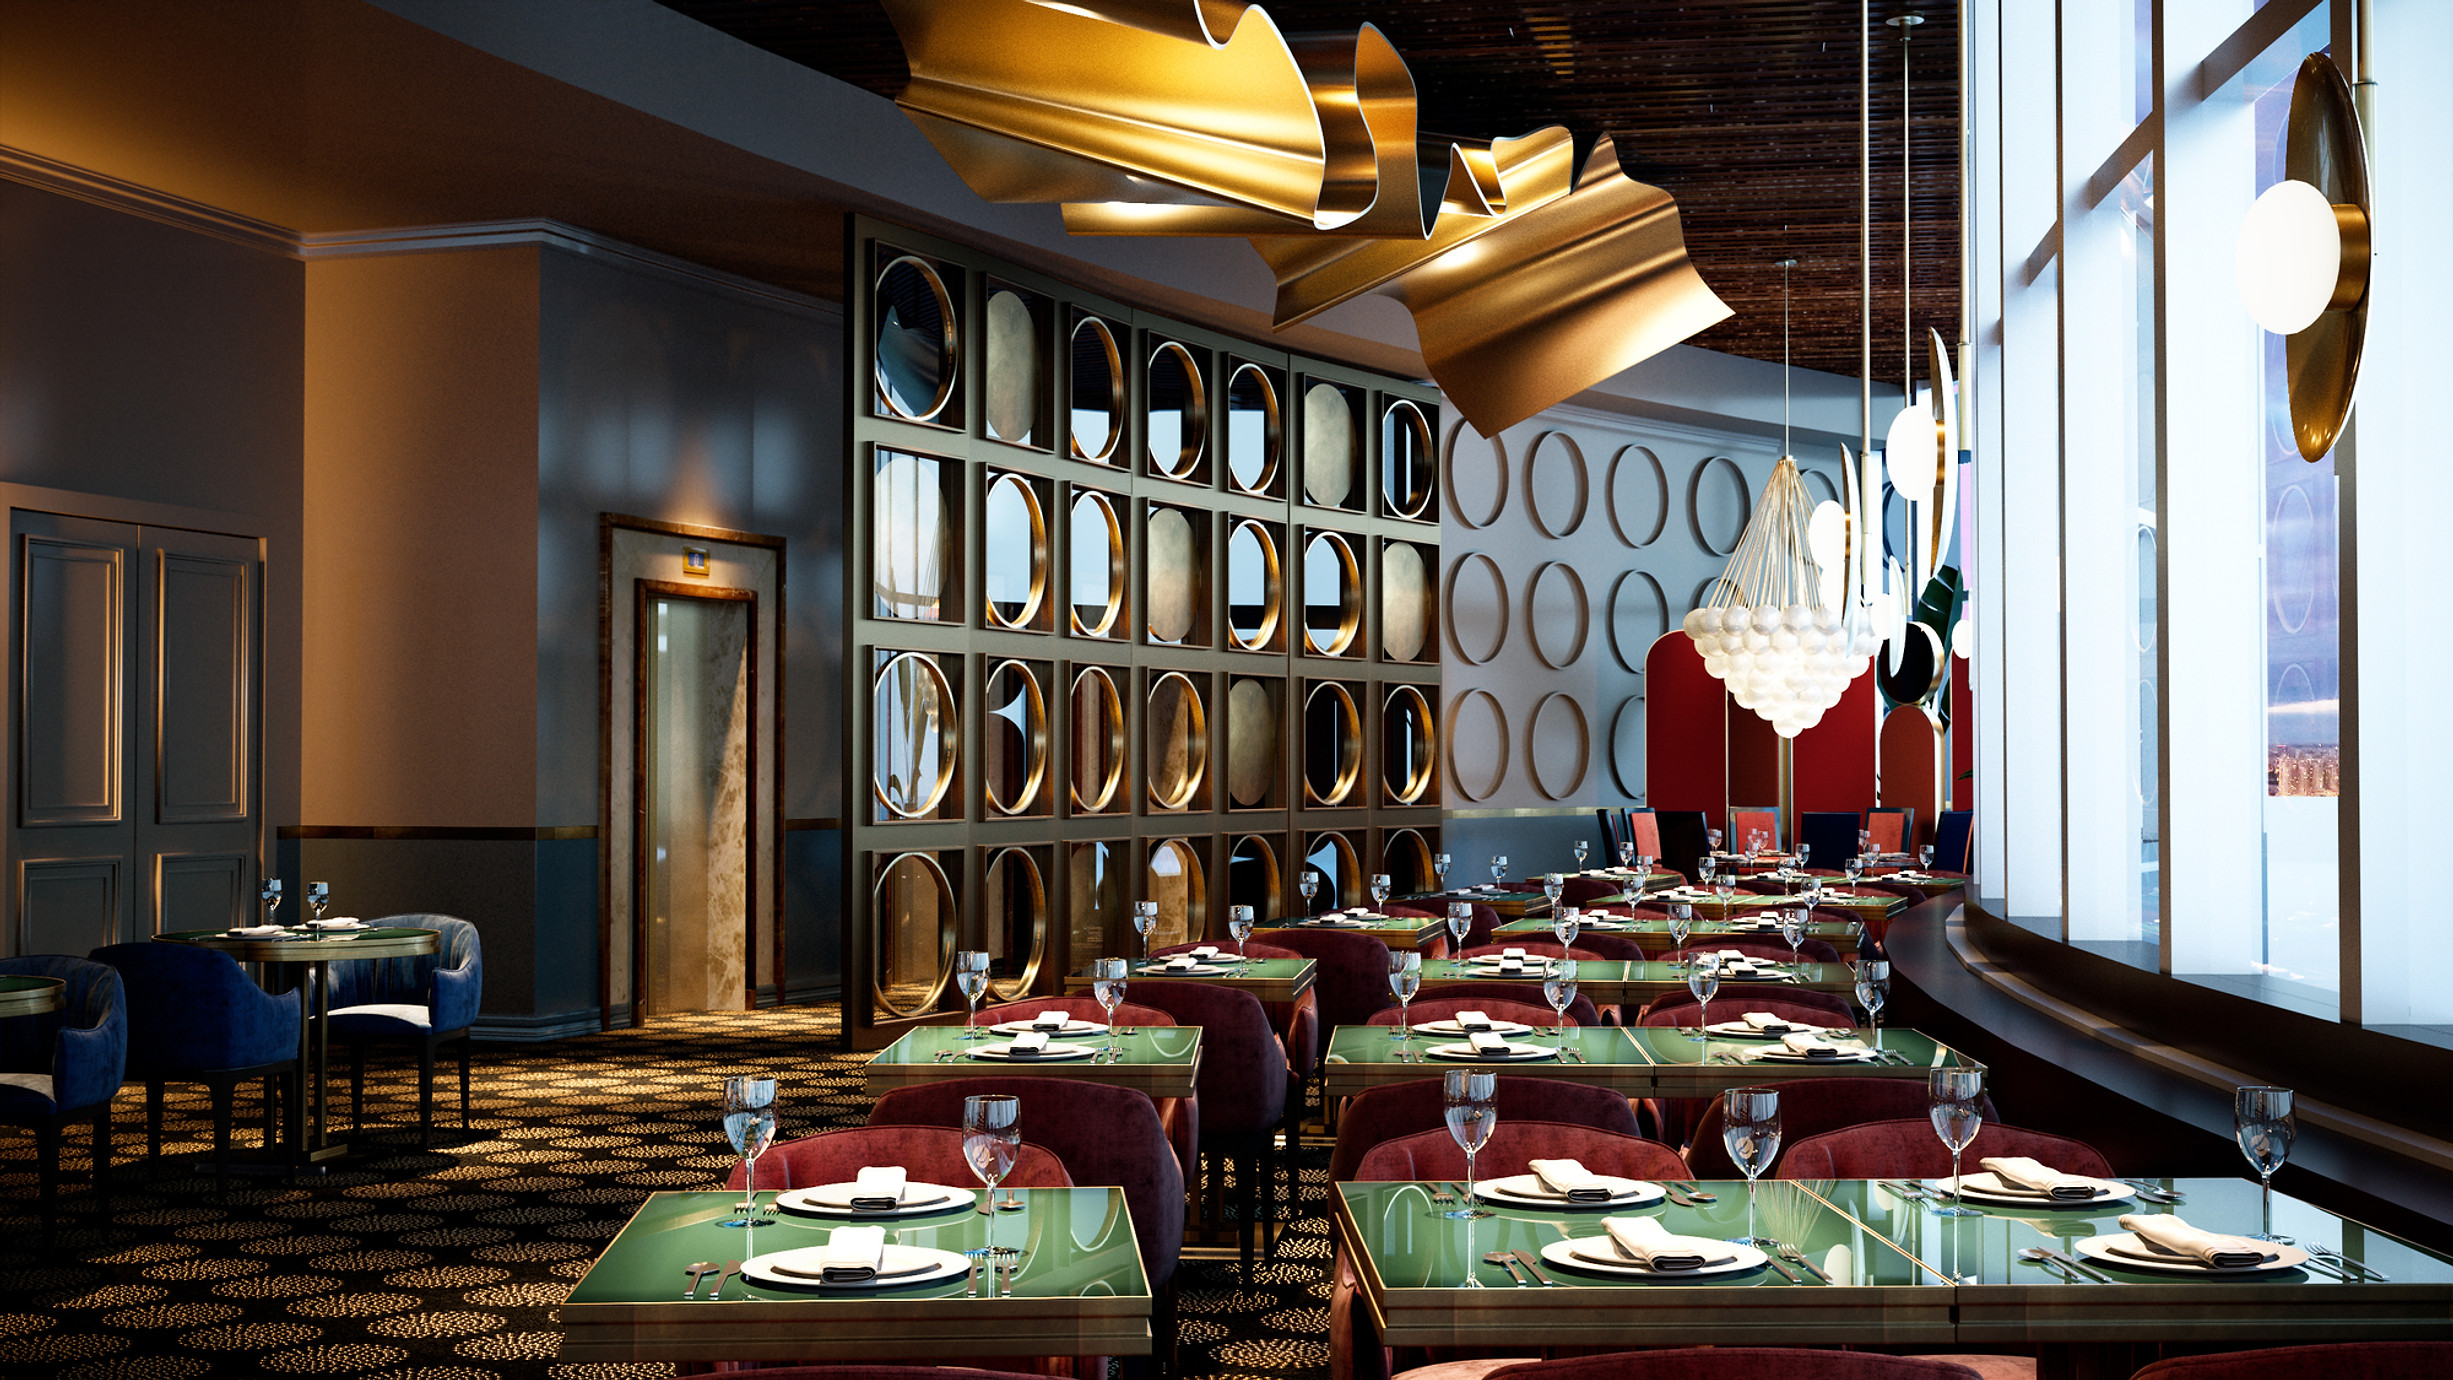 Wyndham-Kale Restaurant-004.jpg